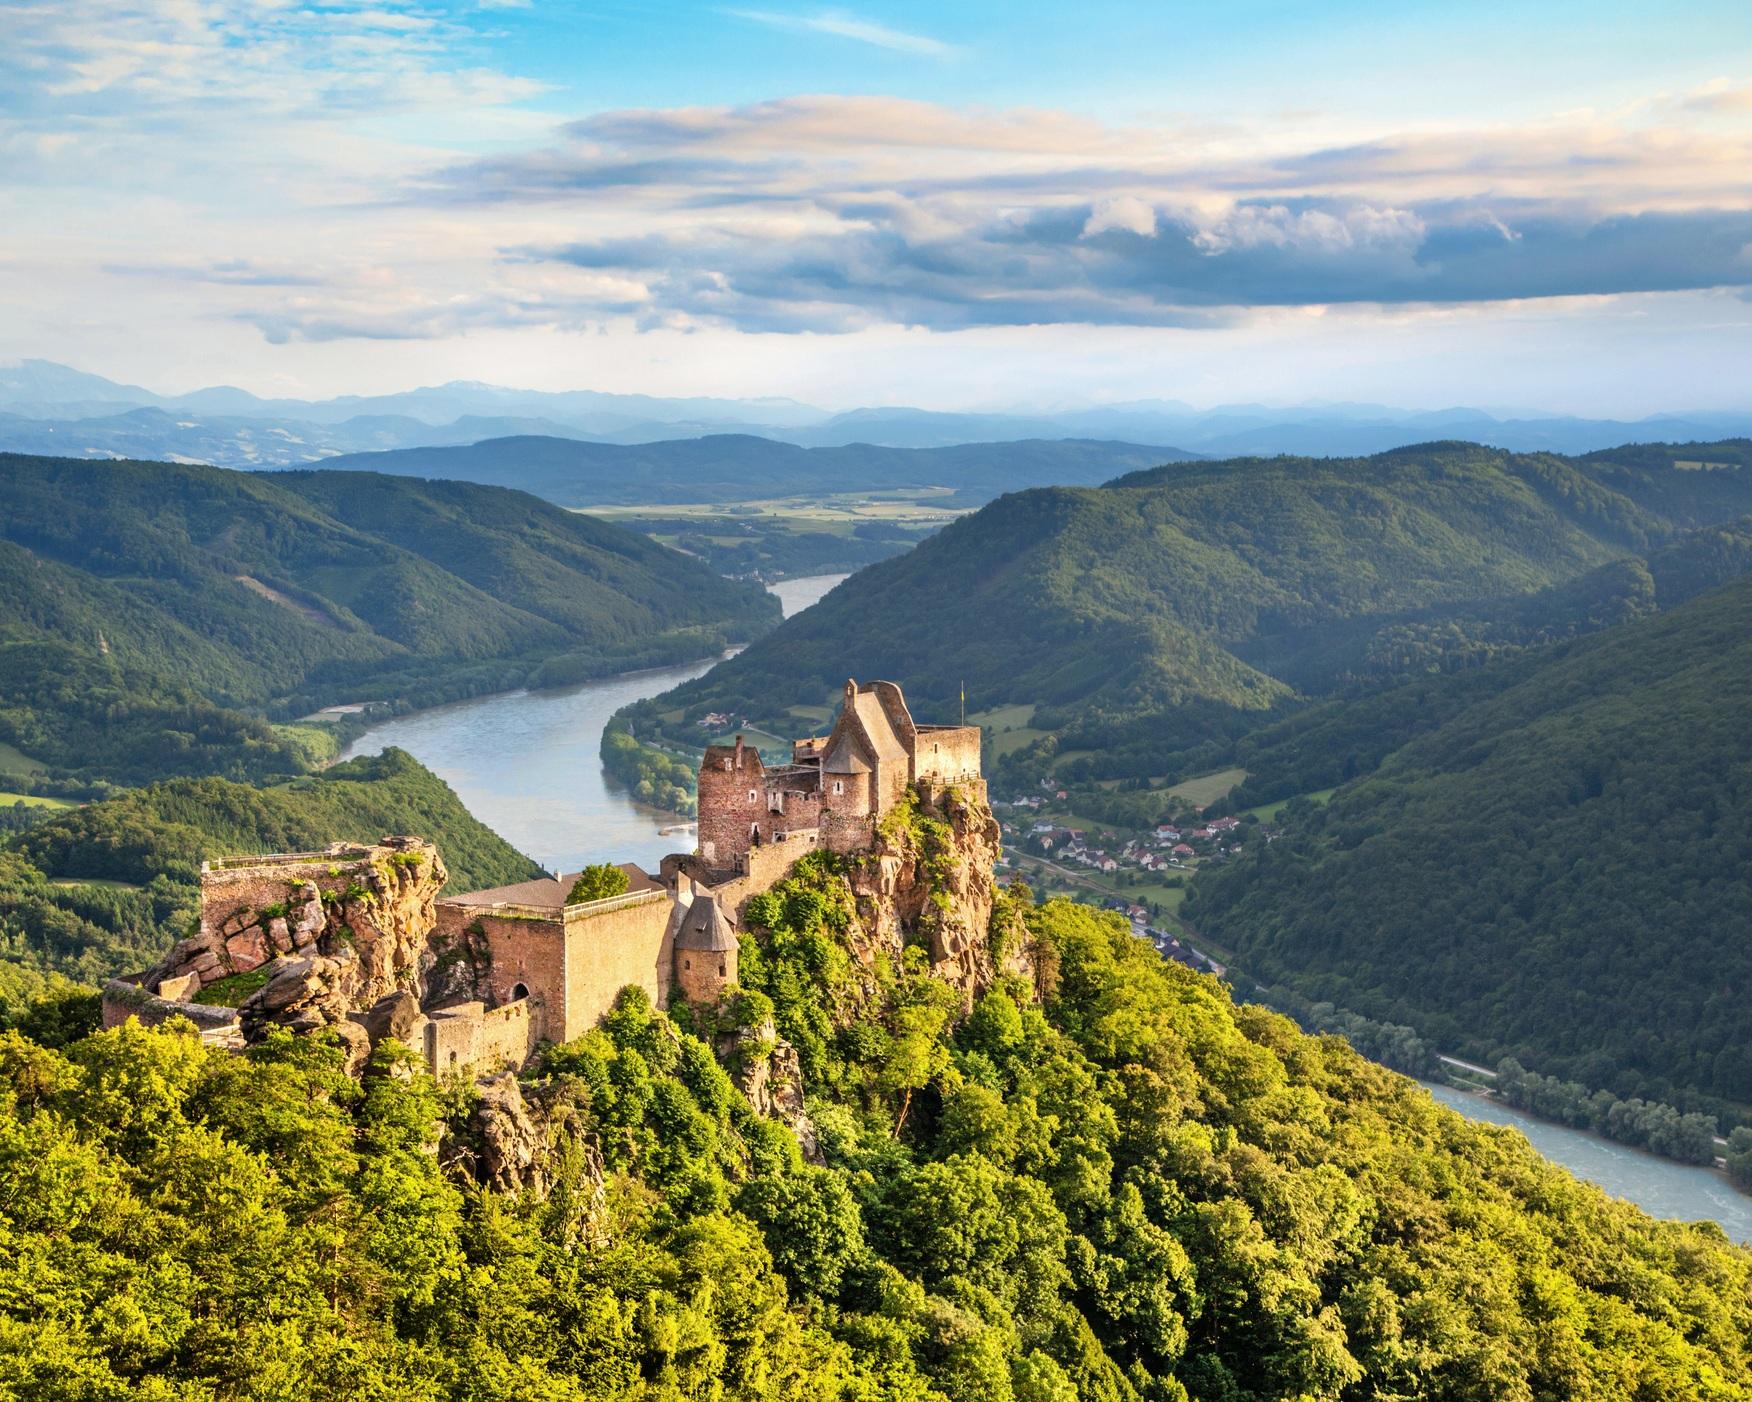 DESTINATION DONAU - Entdecken Sie mit Ihrer Yacht die Donau von ihren schönsten Seiten. Die zahlreichen versteckten Plätze und die malerischen Naturräume entlang der Donau bieten erstklassige und wunderschöne Ausflugsziele für Sie und Ihre Gäste. Nutzen Sie Ihr Boot und erkunden Sie die Donaustadt Linz, die Neue Donau, wo Sie die moderne Seite Wiens kennenlernen können oder erleben Sie vom Donaukanal aus das Zentrum des historischen Wiens. Oder nützen Sie diesen traumhaften Standort um, eine Entdeckungstour mit Ihrem Boot entlang der atemberaubenden Wachau zu machen. Und genießen Sie auf Ihrem Boot die Seitengewässer mit ihren stillen und idyllischen Altwässern.Entdecken Sie jetzt auf unserem Blog eine Vielfalt an Yachtrevieren>>